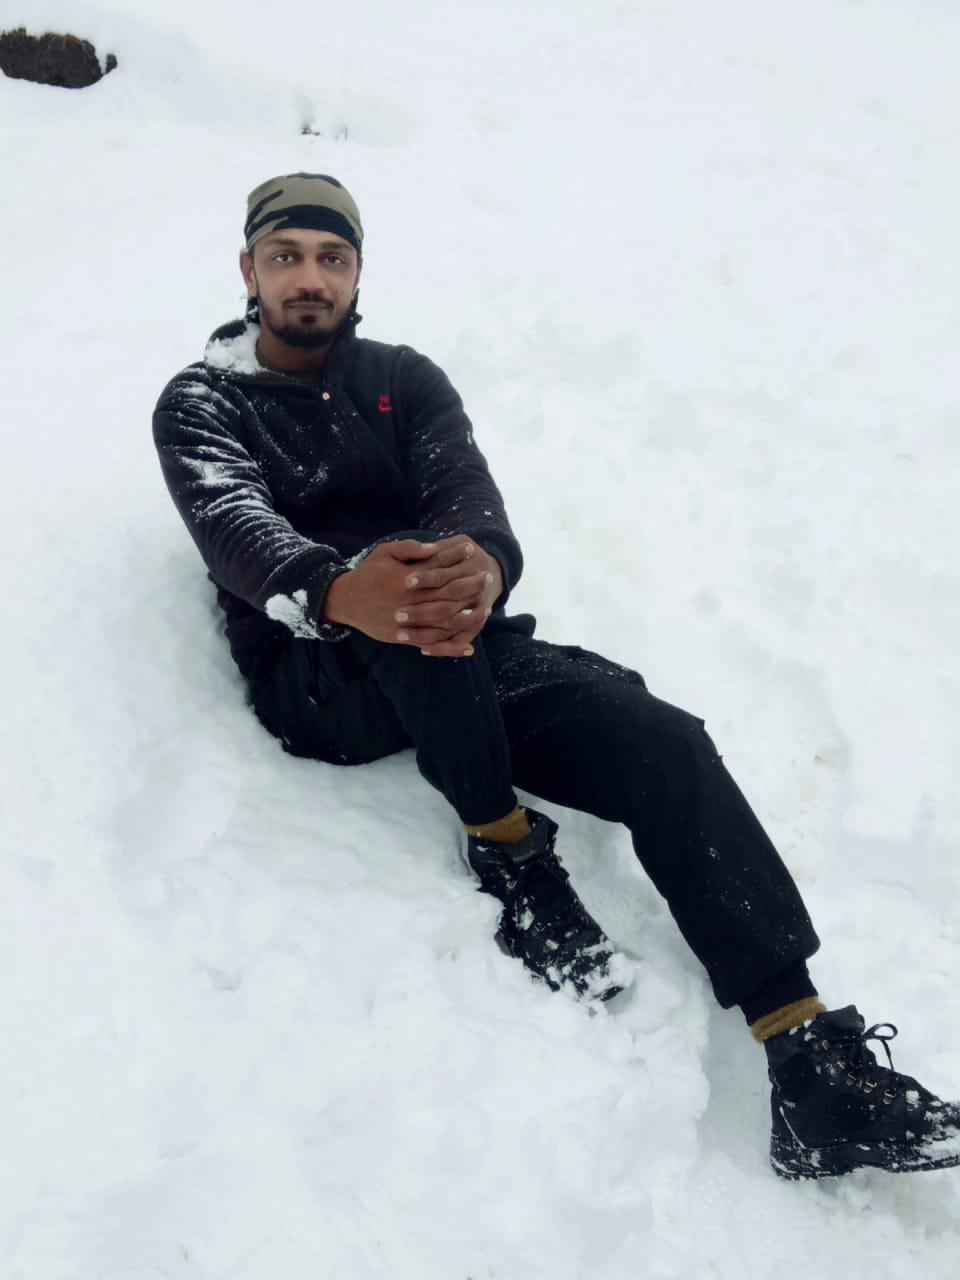 जम्मू-काश्मीर, 27 नोव्हेंबर : जम्मू-काश्मीरमध्ये एक धक्कादायक घटना घडली आहे. जम्मू काश्मीरच्या कुलगाम आणि पुलवामा जिल्ह्यात मंगळवारी दहशतवाद्यांच्या चकमकीत एक जवान शहीद झाला आहे. प्रकाश जाधव असं या जवानाचं नाव आहे. दहशतवादी चकमकीत हा जवान शहीद झाला आहे.